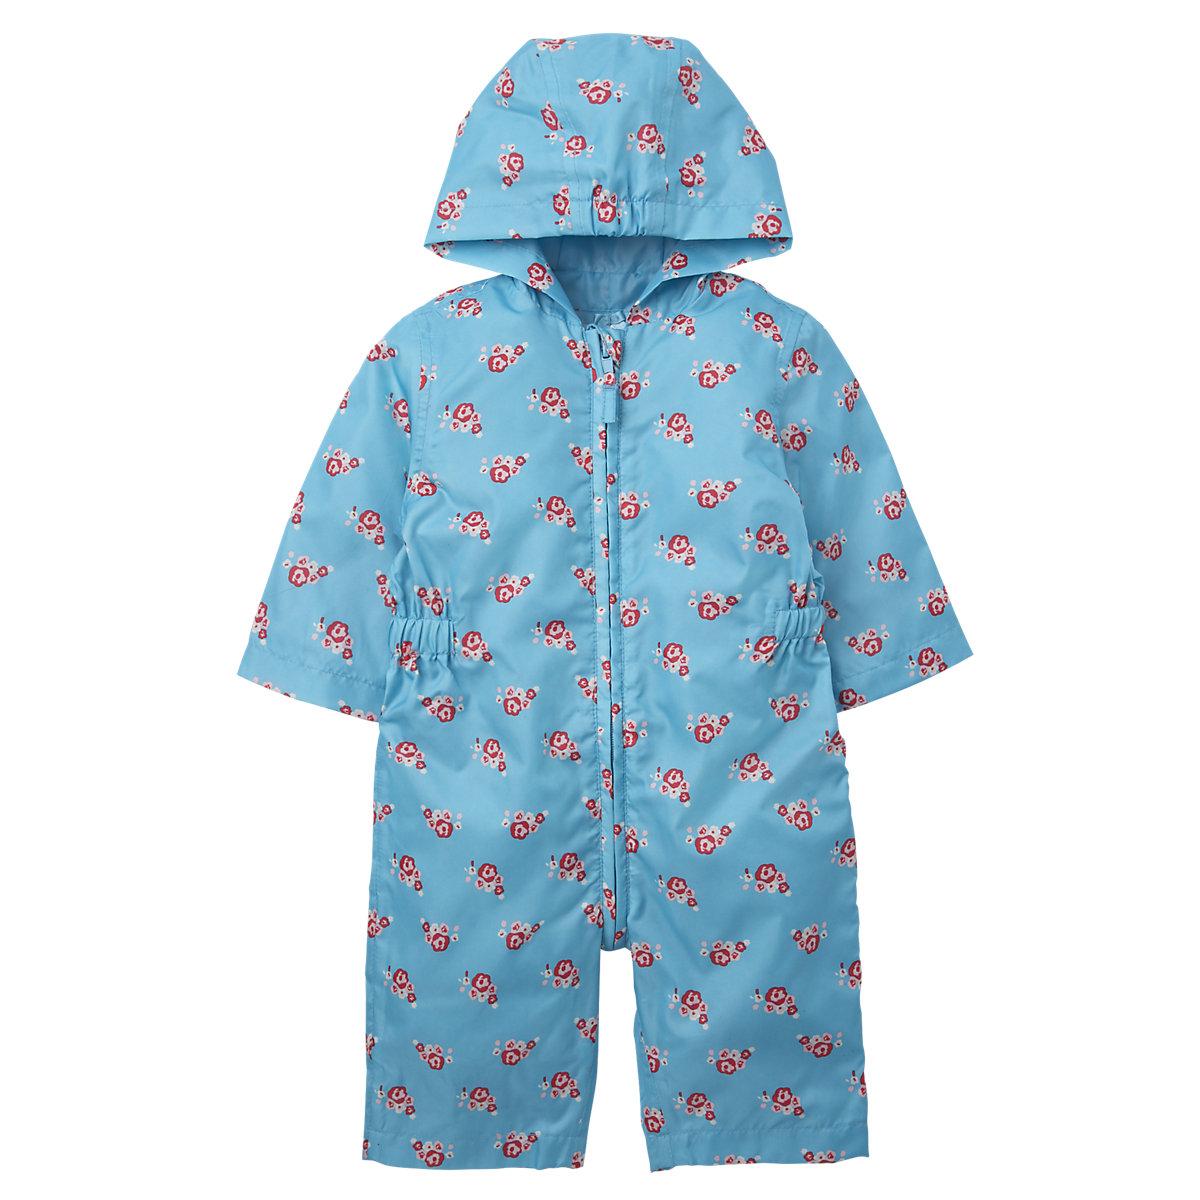 Mothercare-0-Floral-Puddlesuit-Rain-Coat-Jacket-Jacket